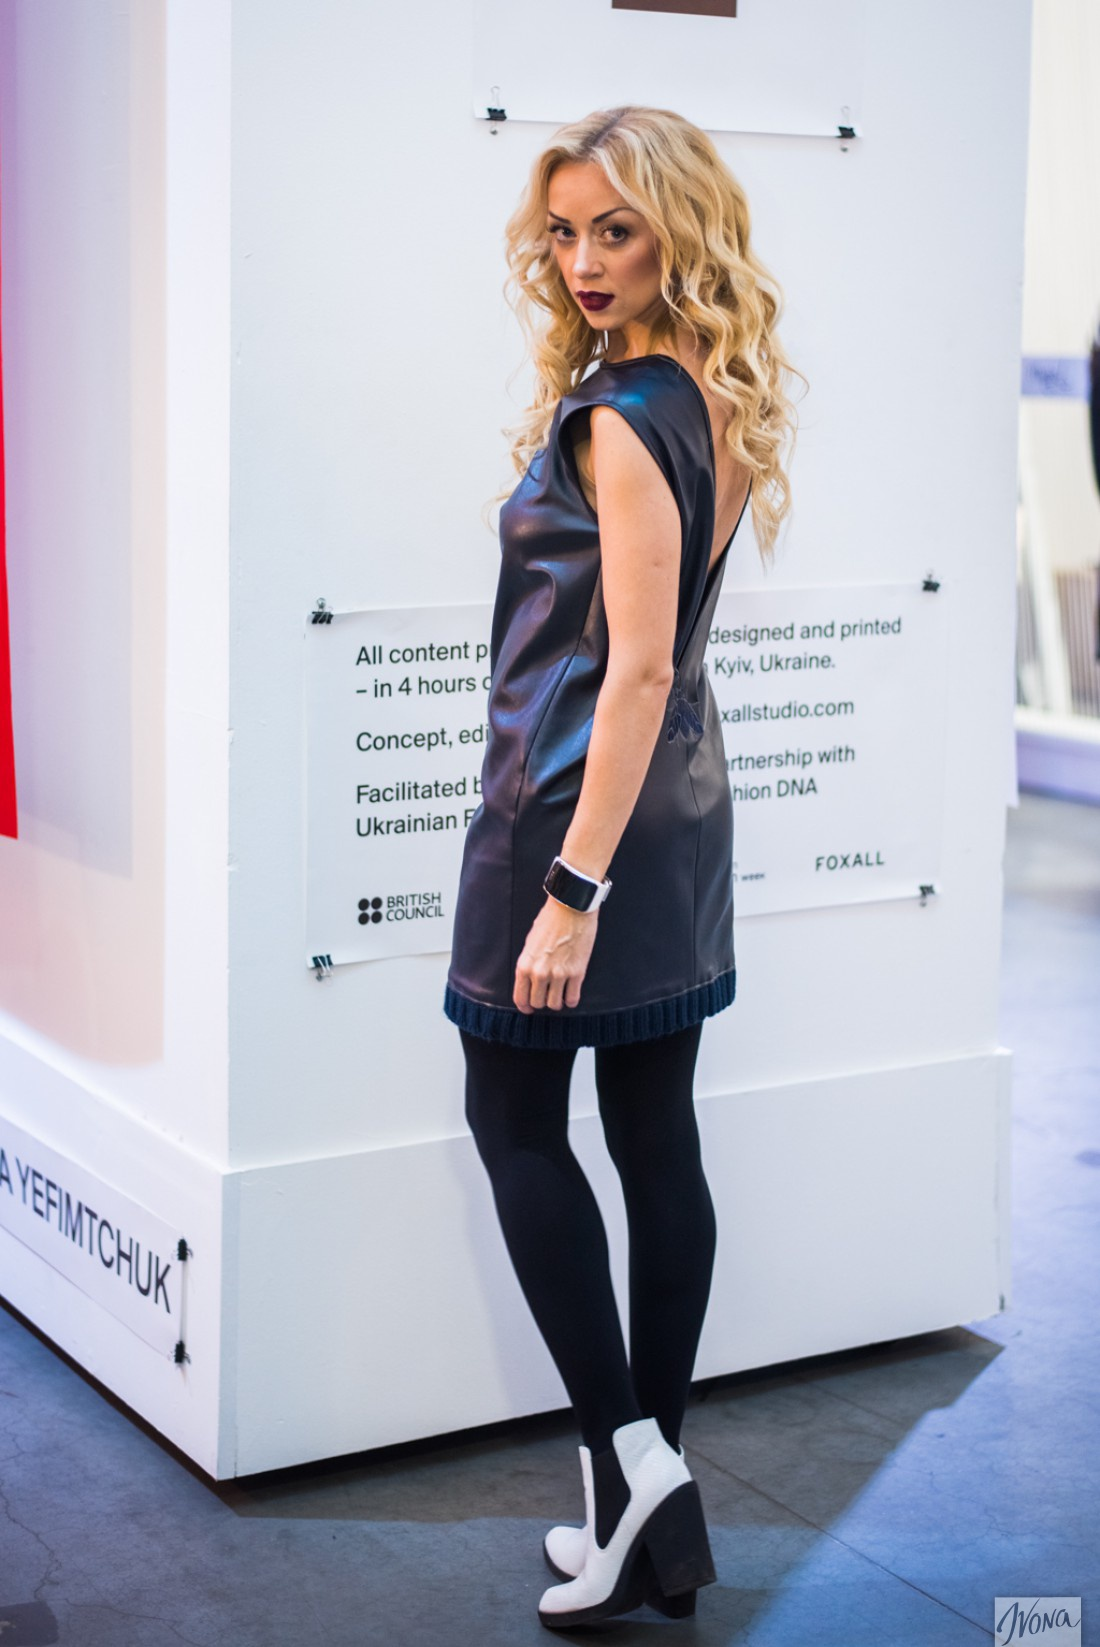 Наталья призналась, что любит миксовать разные стили в одежде